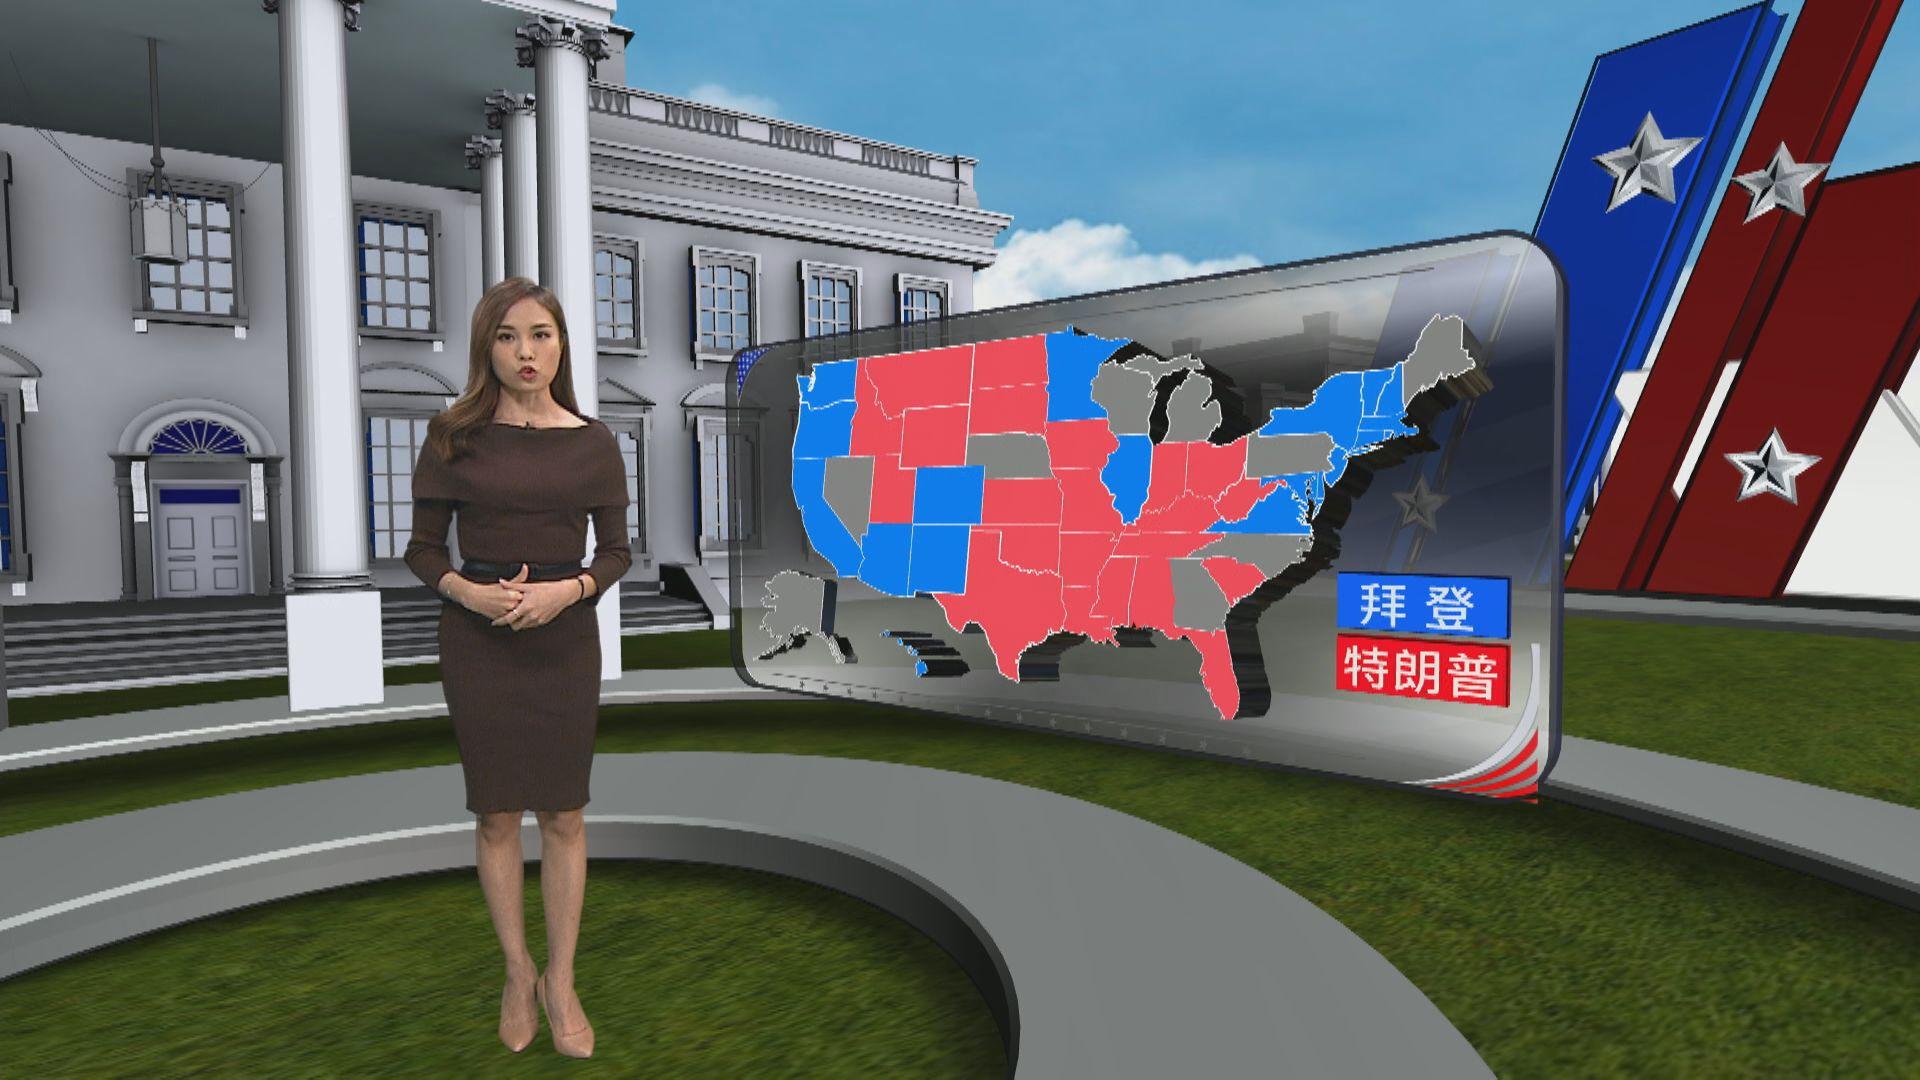 美國總統和國會選舉戰況形勢仍未明朗 點票仍在進行